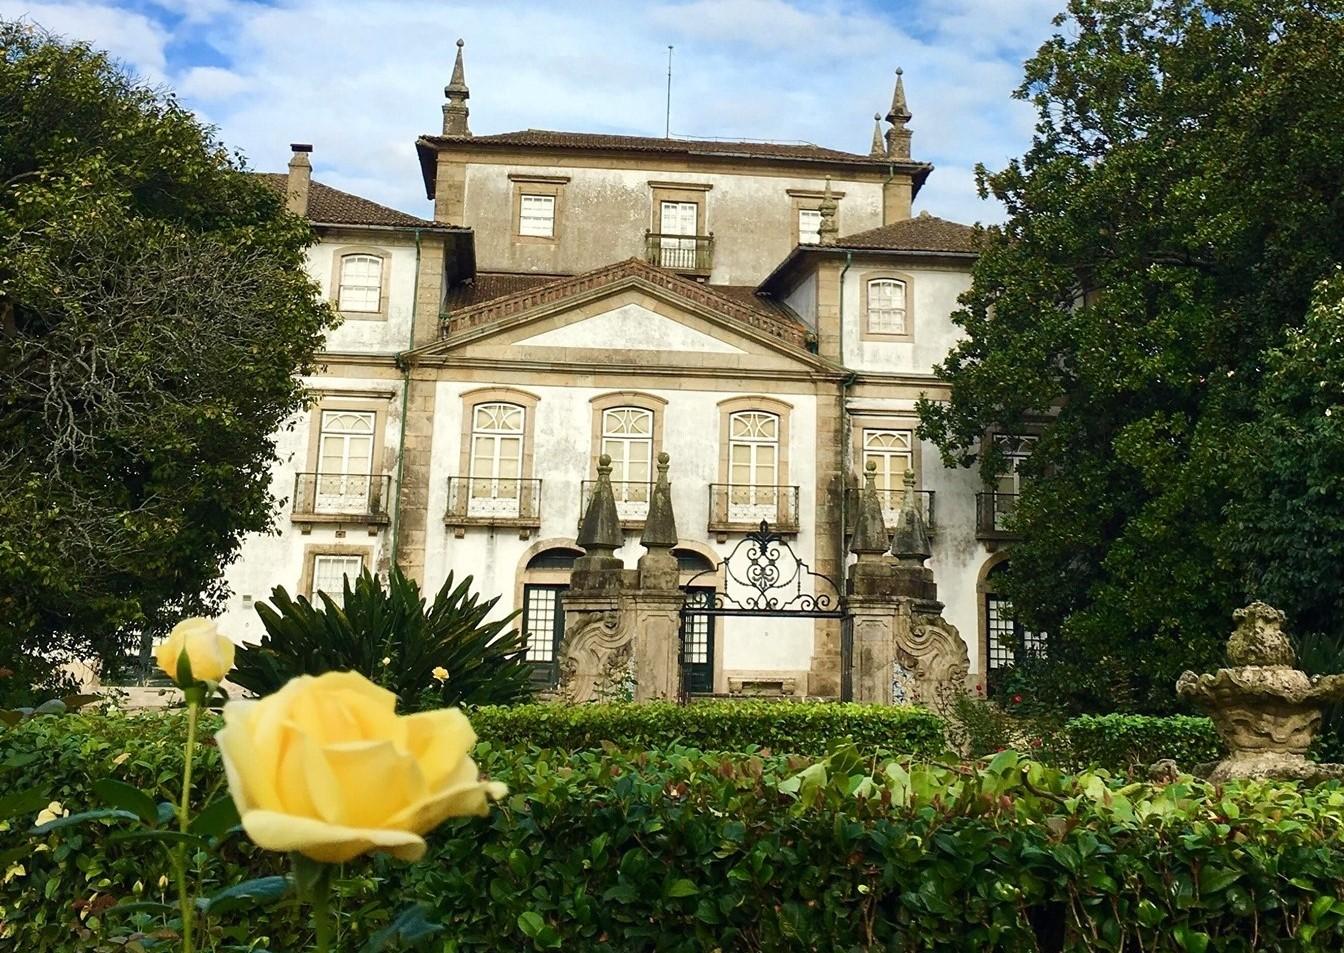 Castelo de Guimarães, museus dos Biscainhos, D. Diogo de Sousa e Alberto Sampaio na lista de património a requalificar